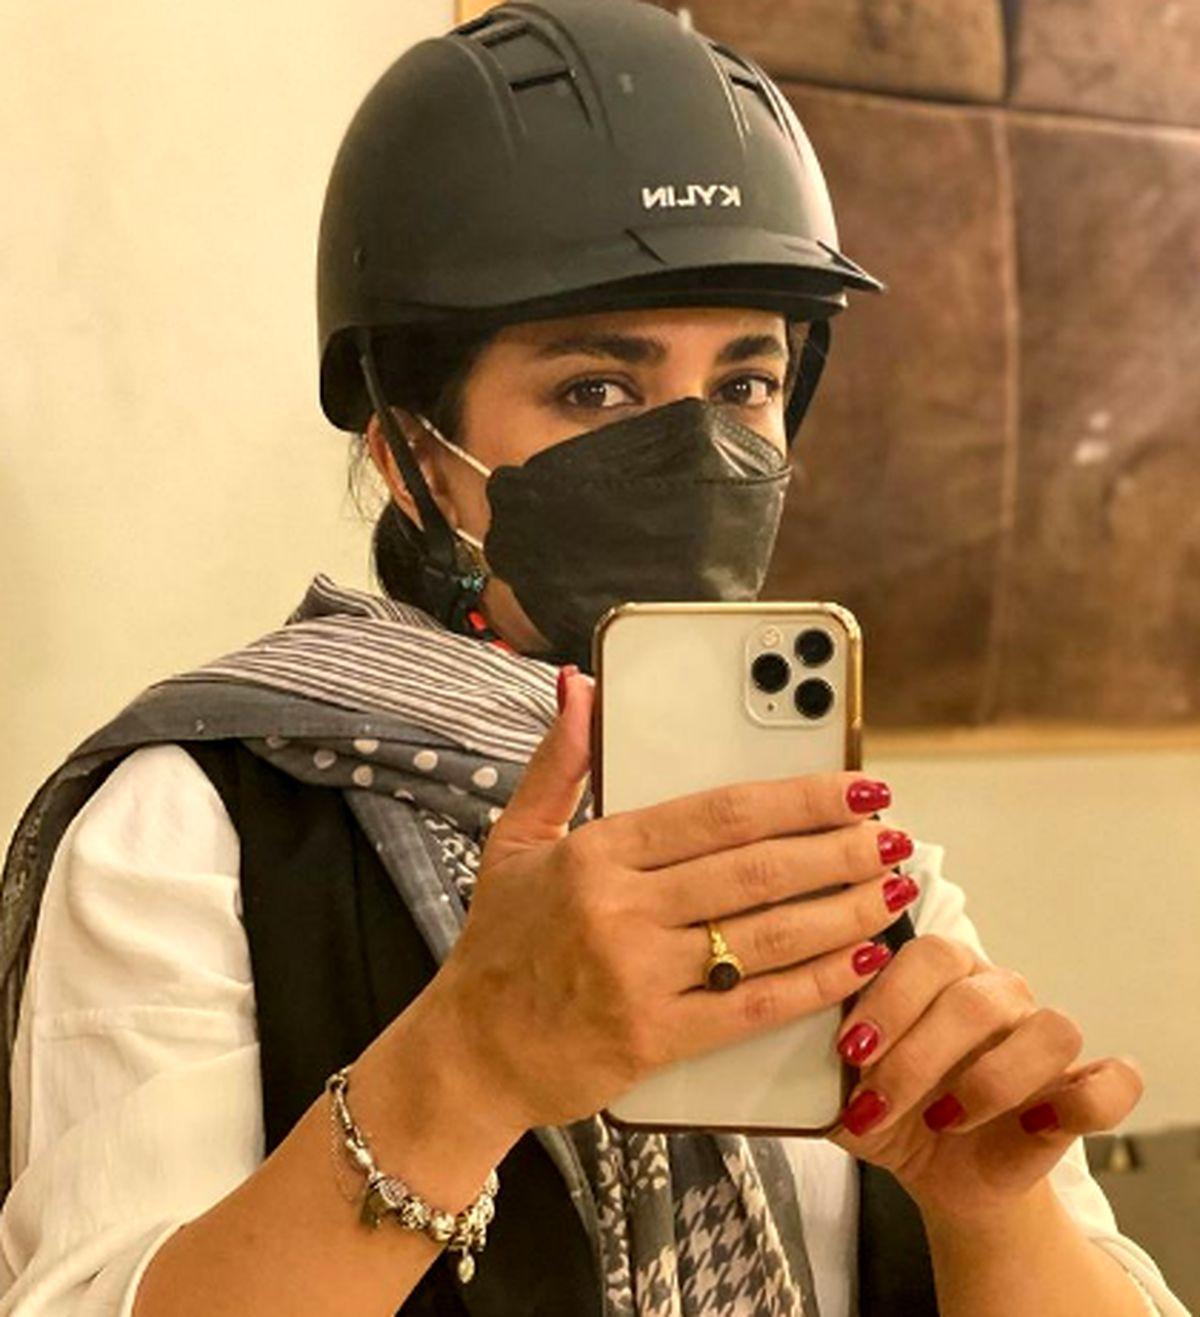 تیپ لیندا کیانی در باشگاه + عکس